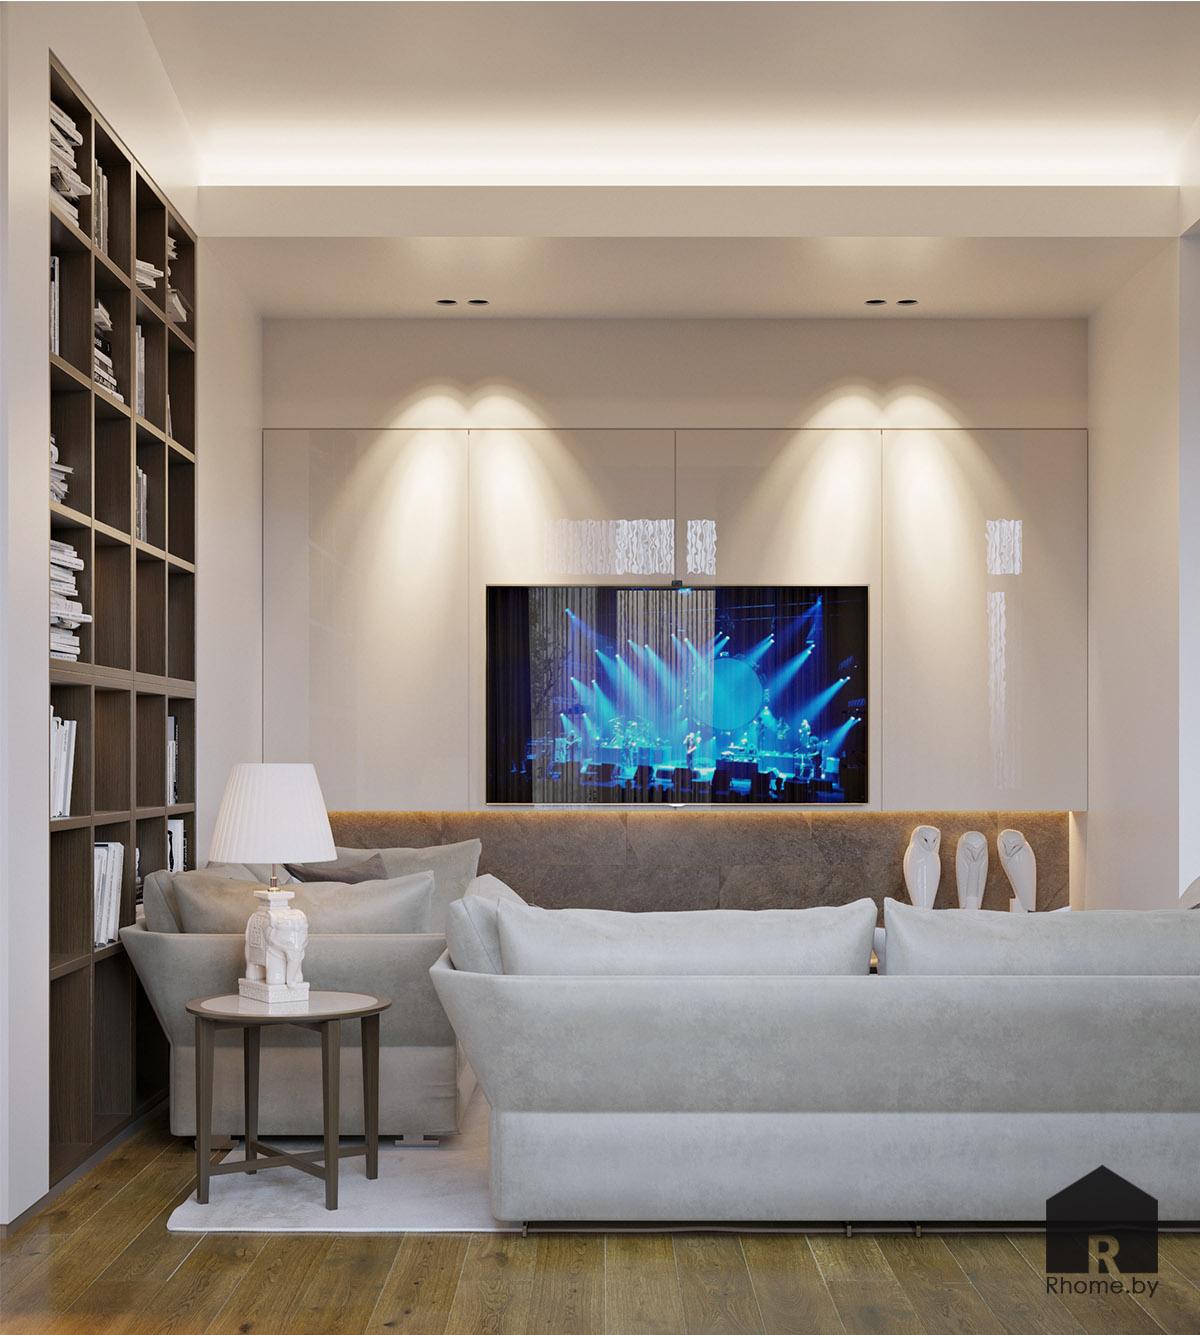 Дизайн интерьера гостиной в Березовой роще | Дизайн студия – Rhome.by